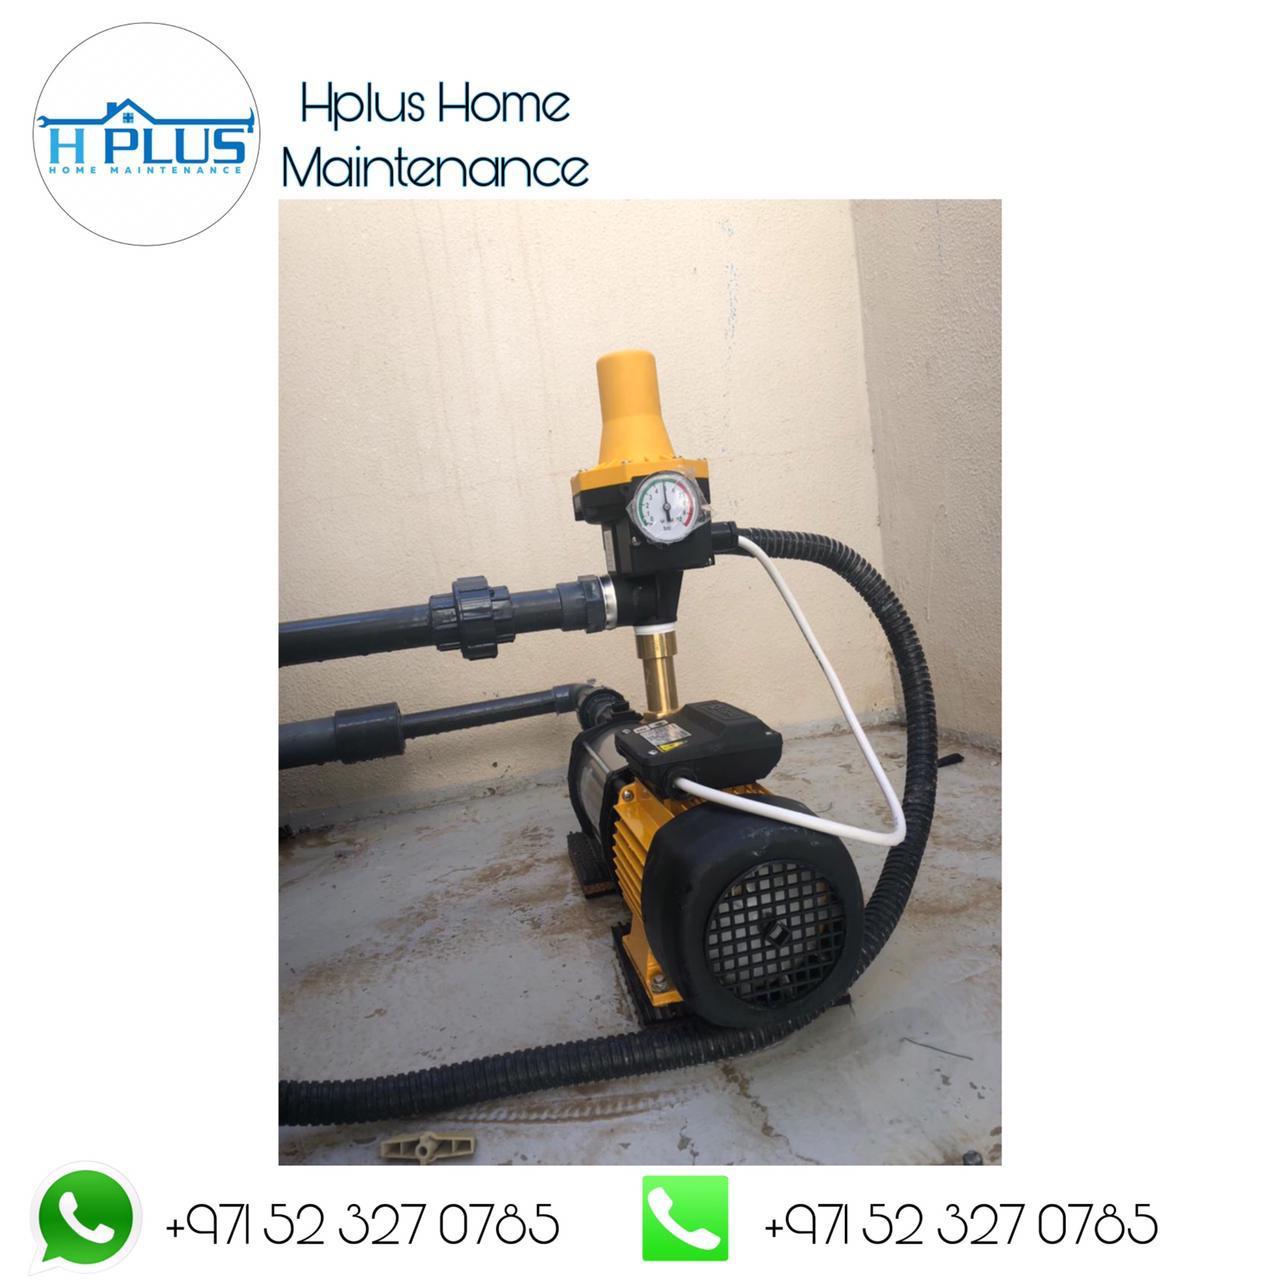 WhatsApp Image 2021-03-12 at 7.06.46 PM (1).jpeg